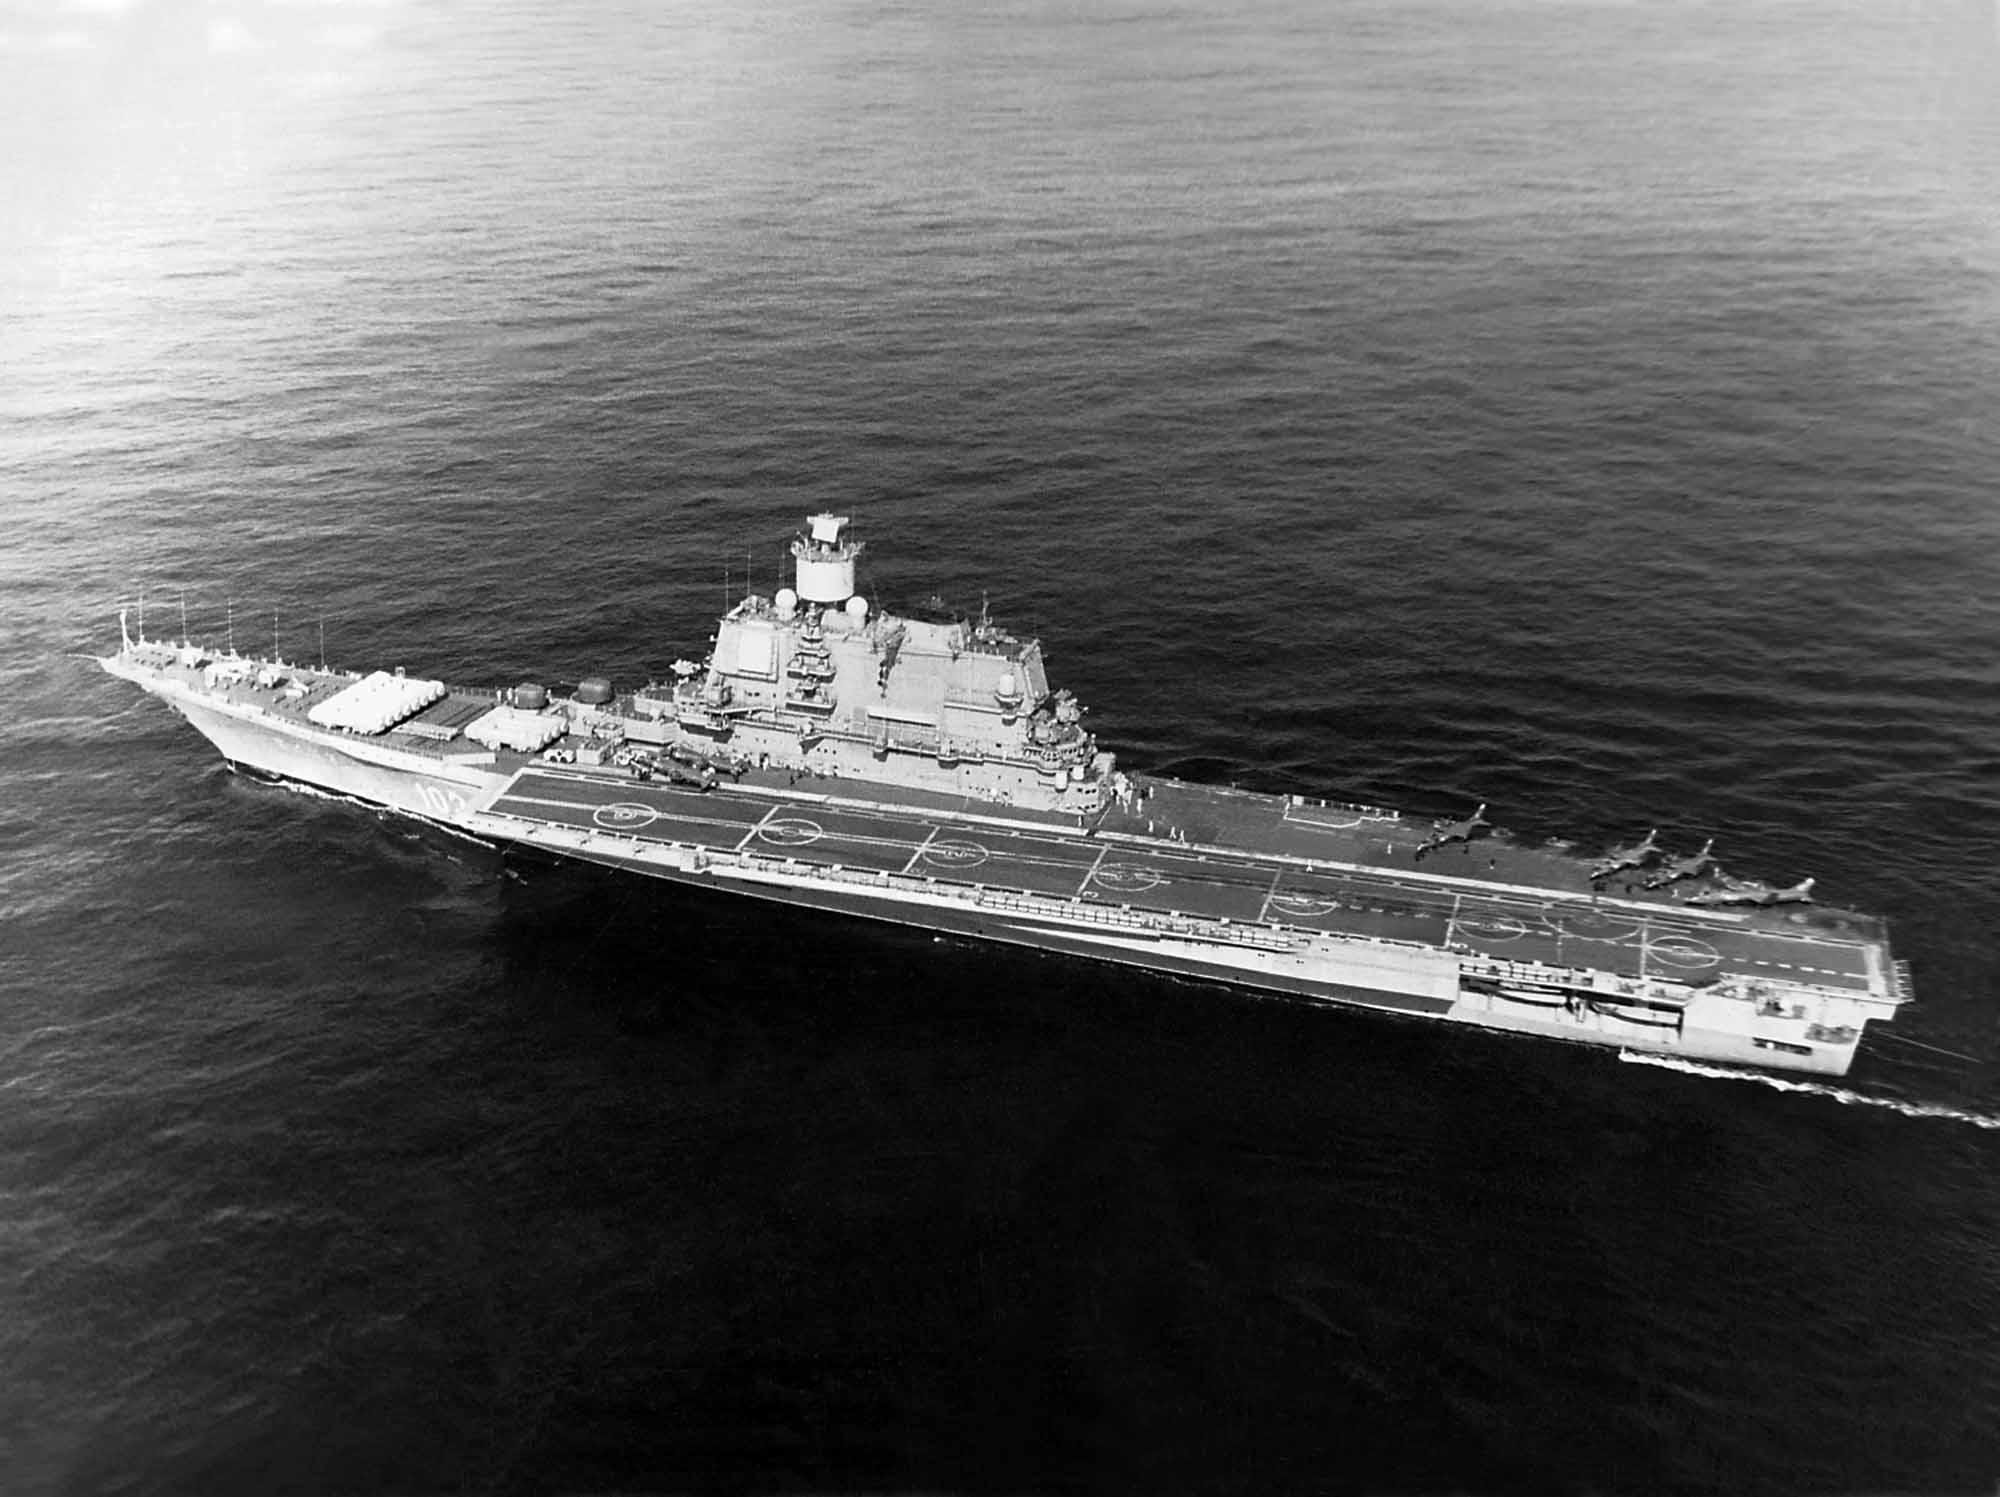 Тяжелый авианесущий крейсер. Пр.11434. «Адмирал Горшков». - 10